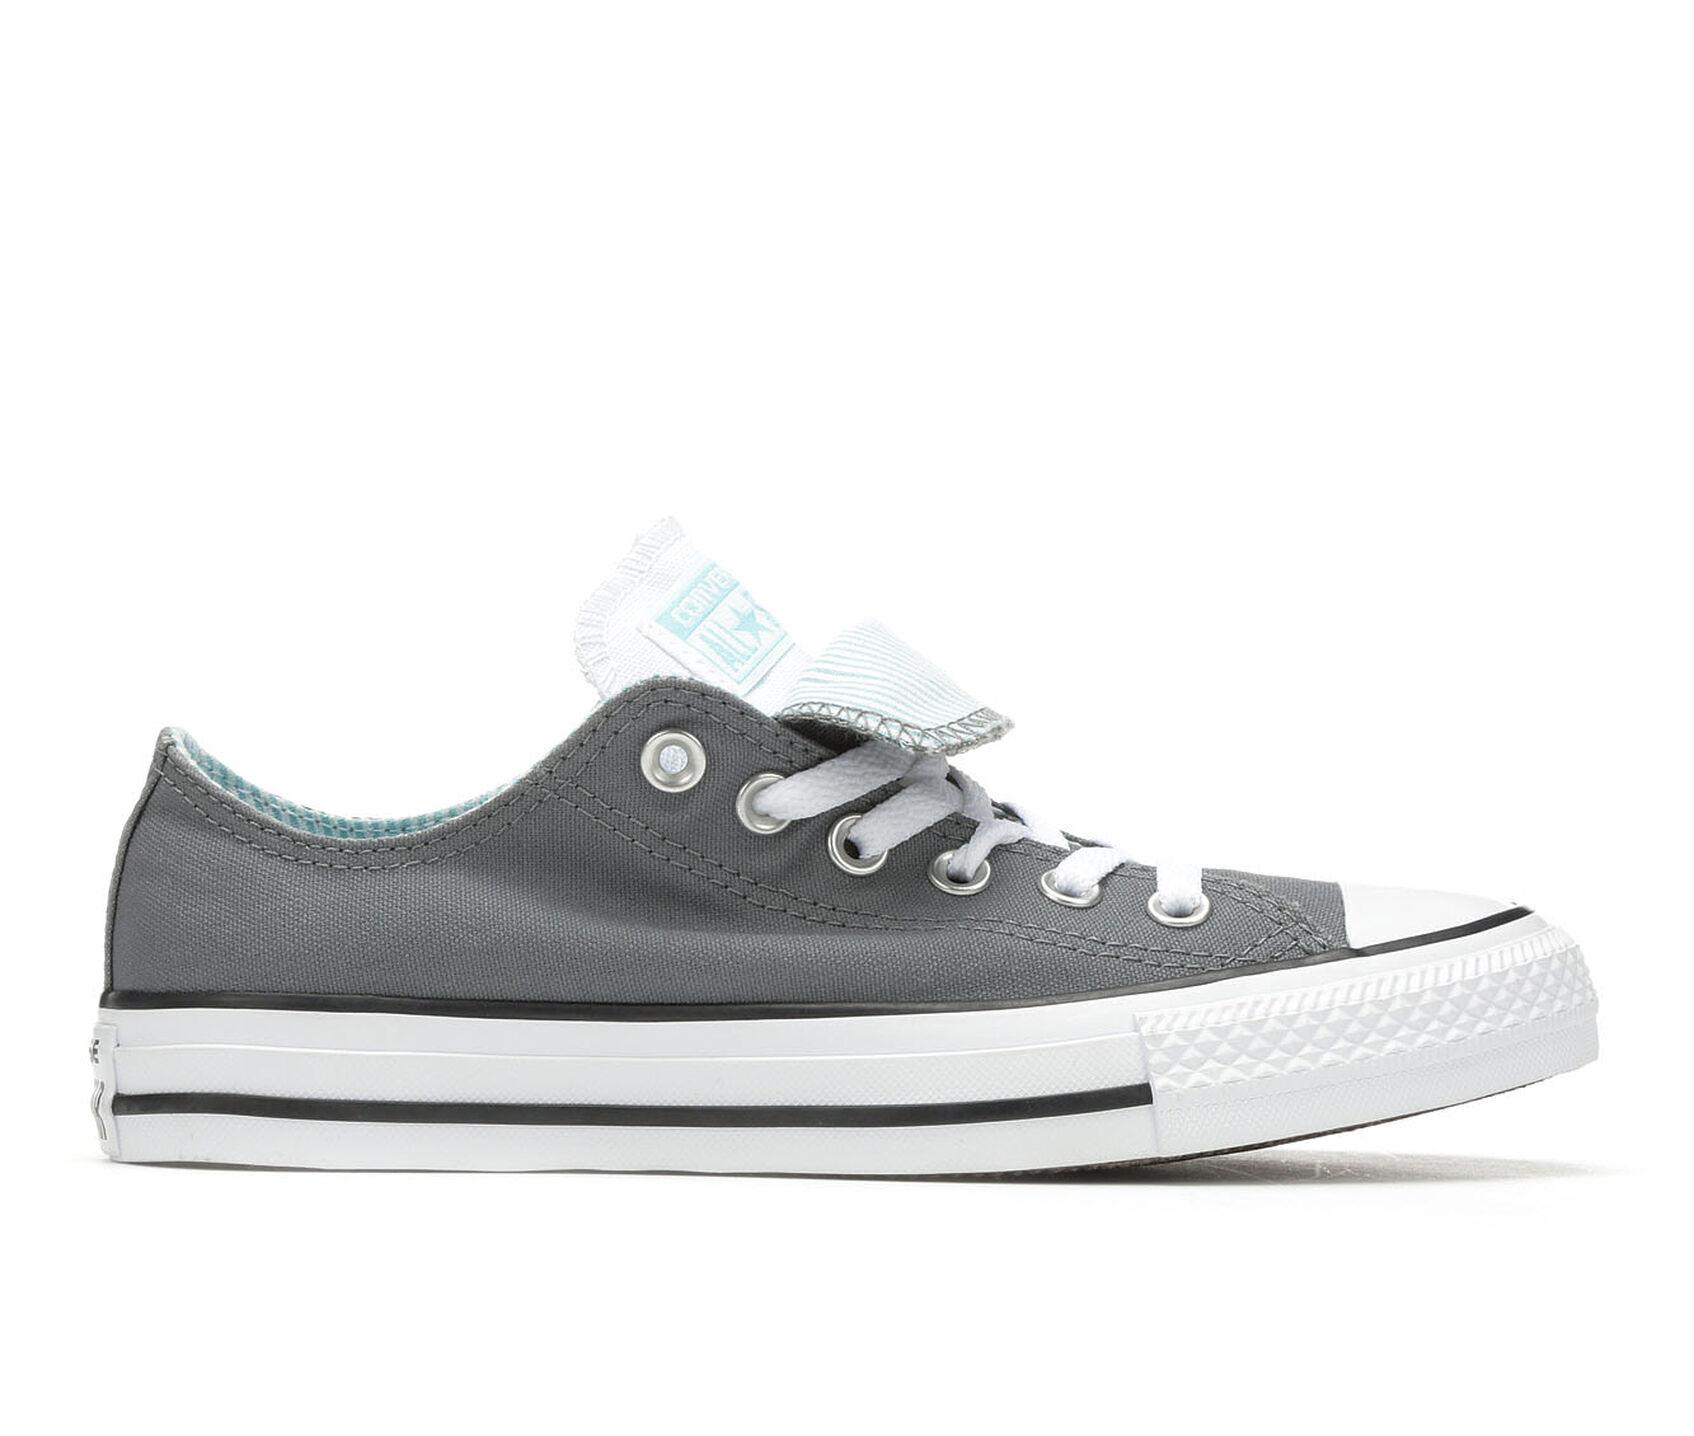 dd46ee9c4e5a54 ... Converse Chuck Taylor Double Tongue Stripe Sneakers. Previous